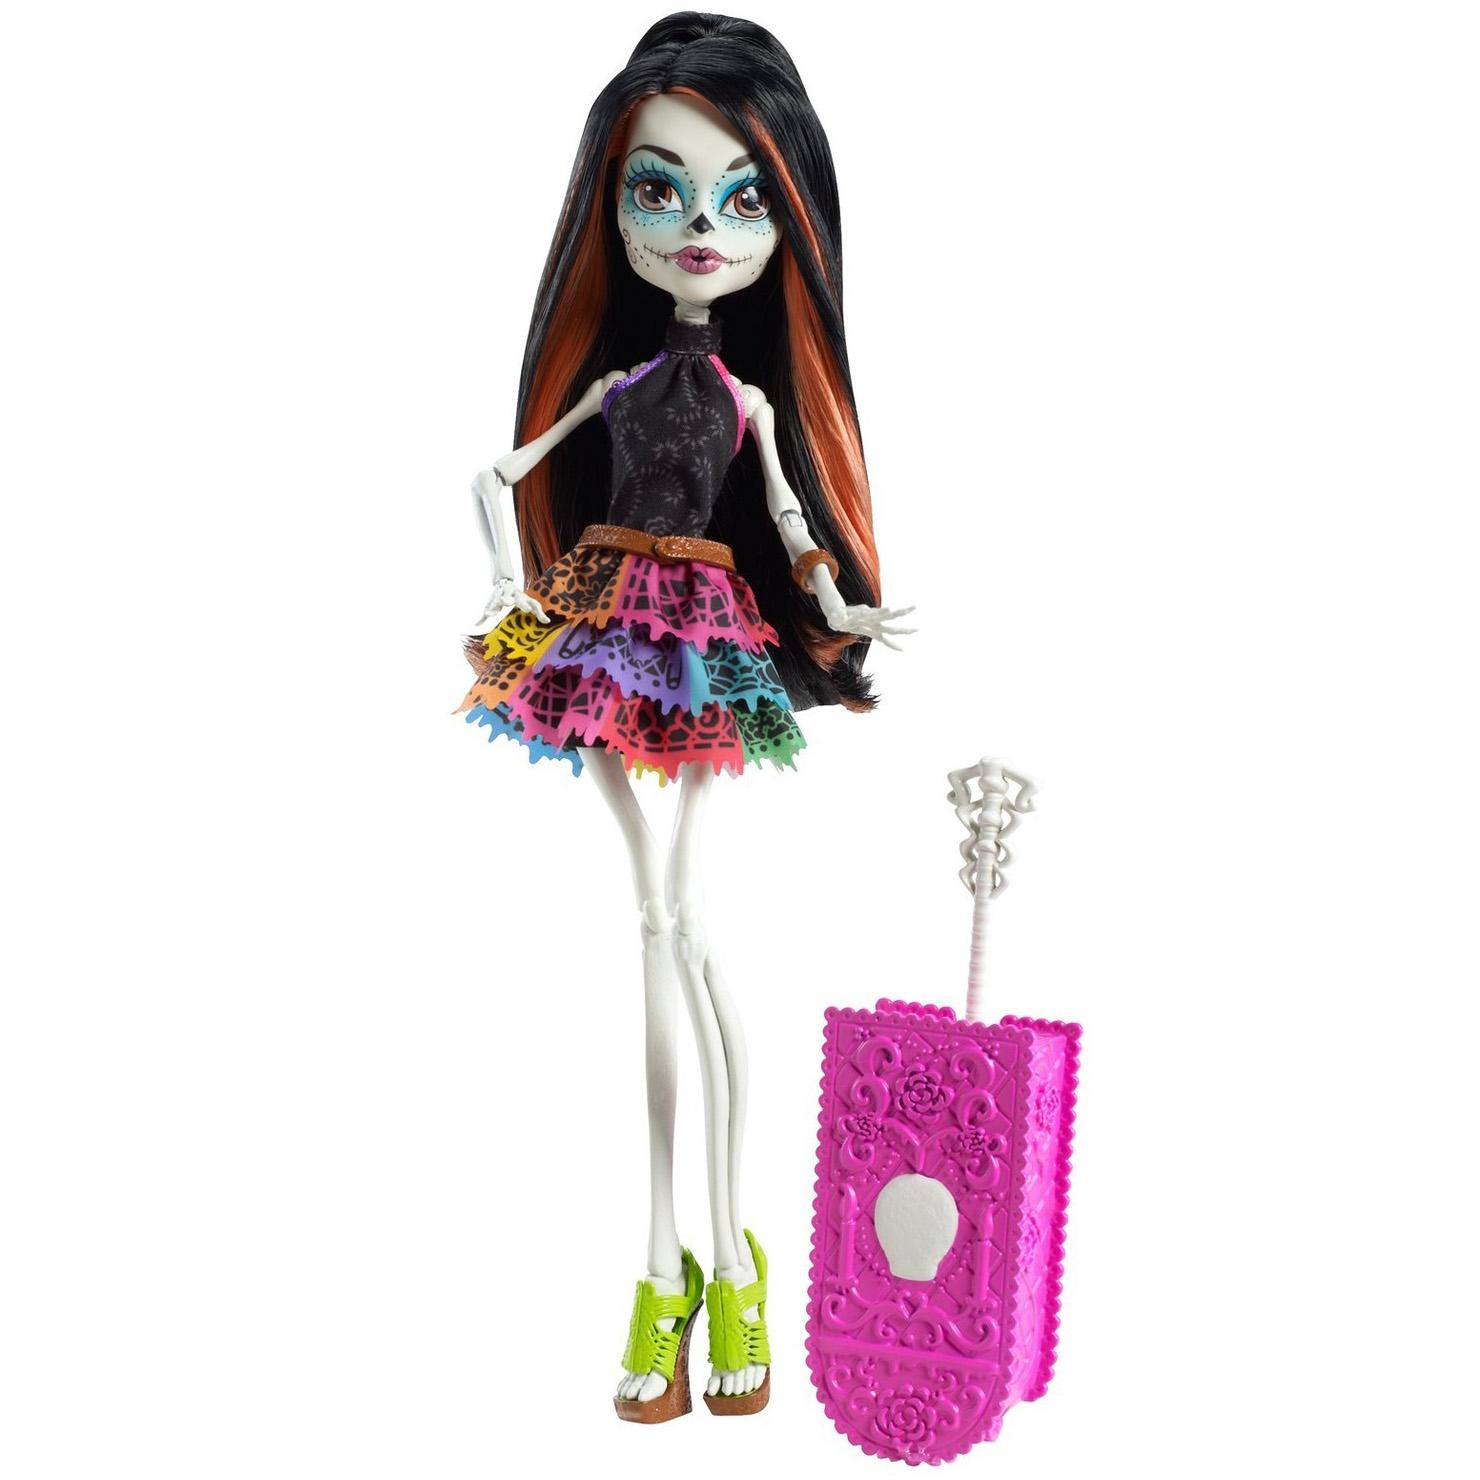 Фото куклы монстер хай скелита калаверас